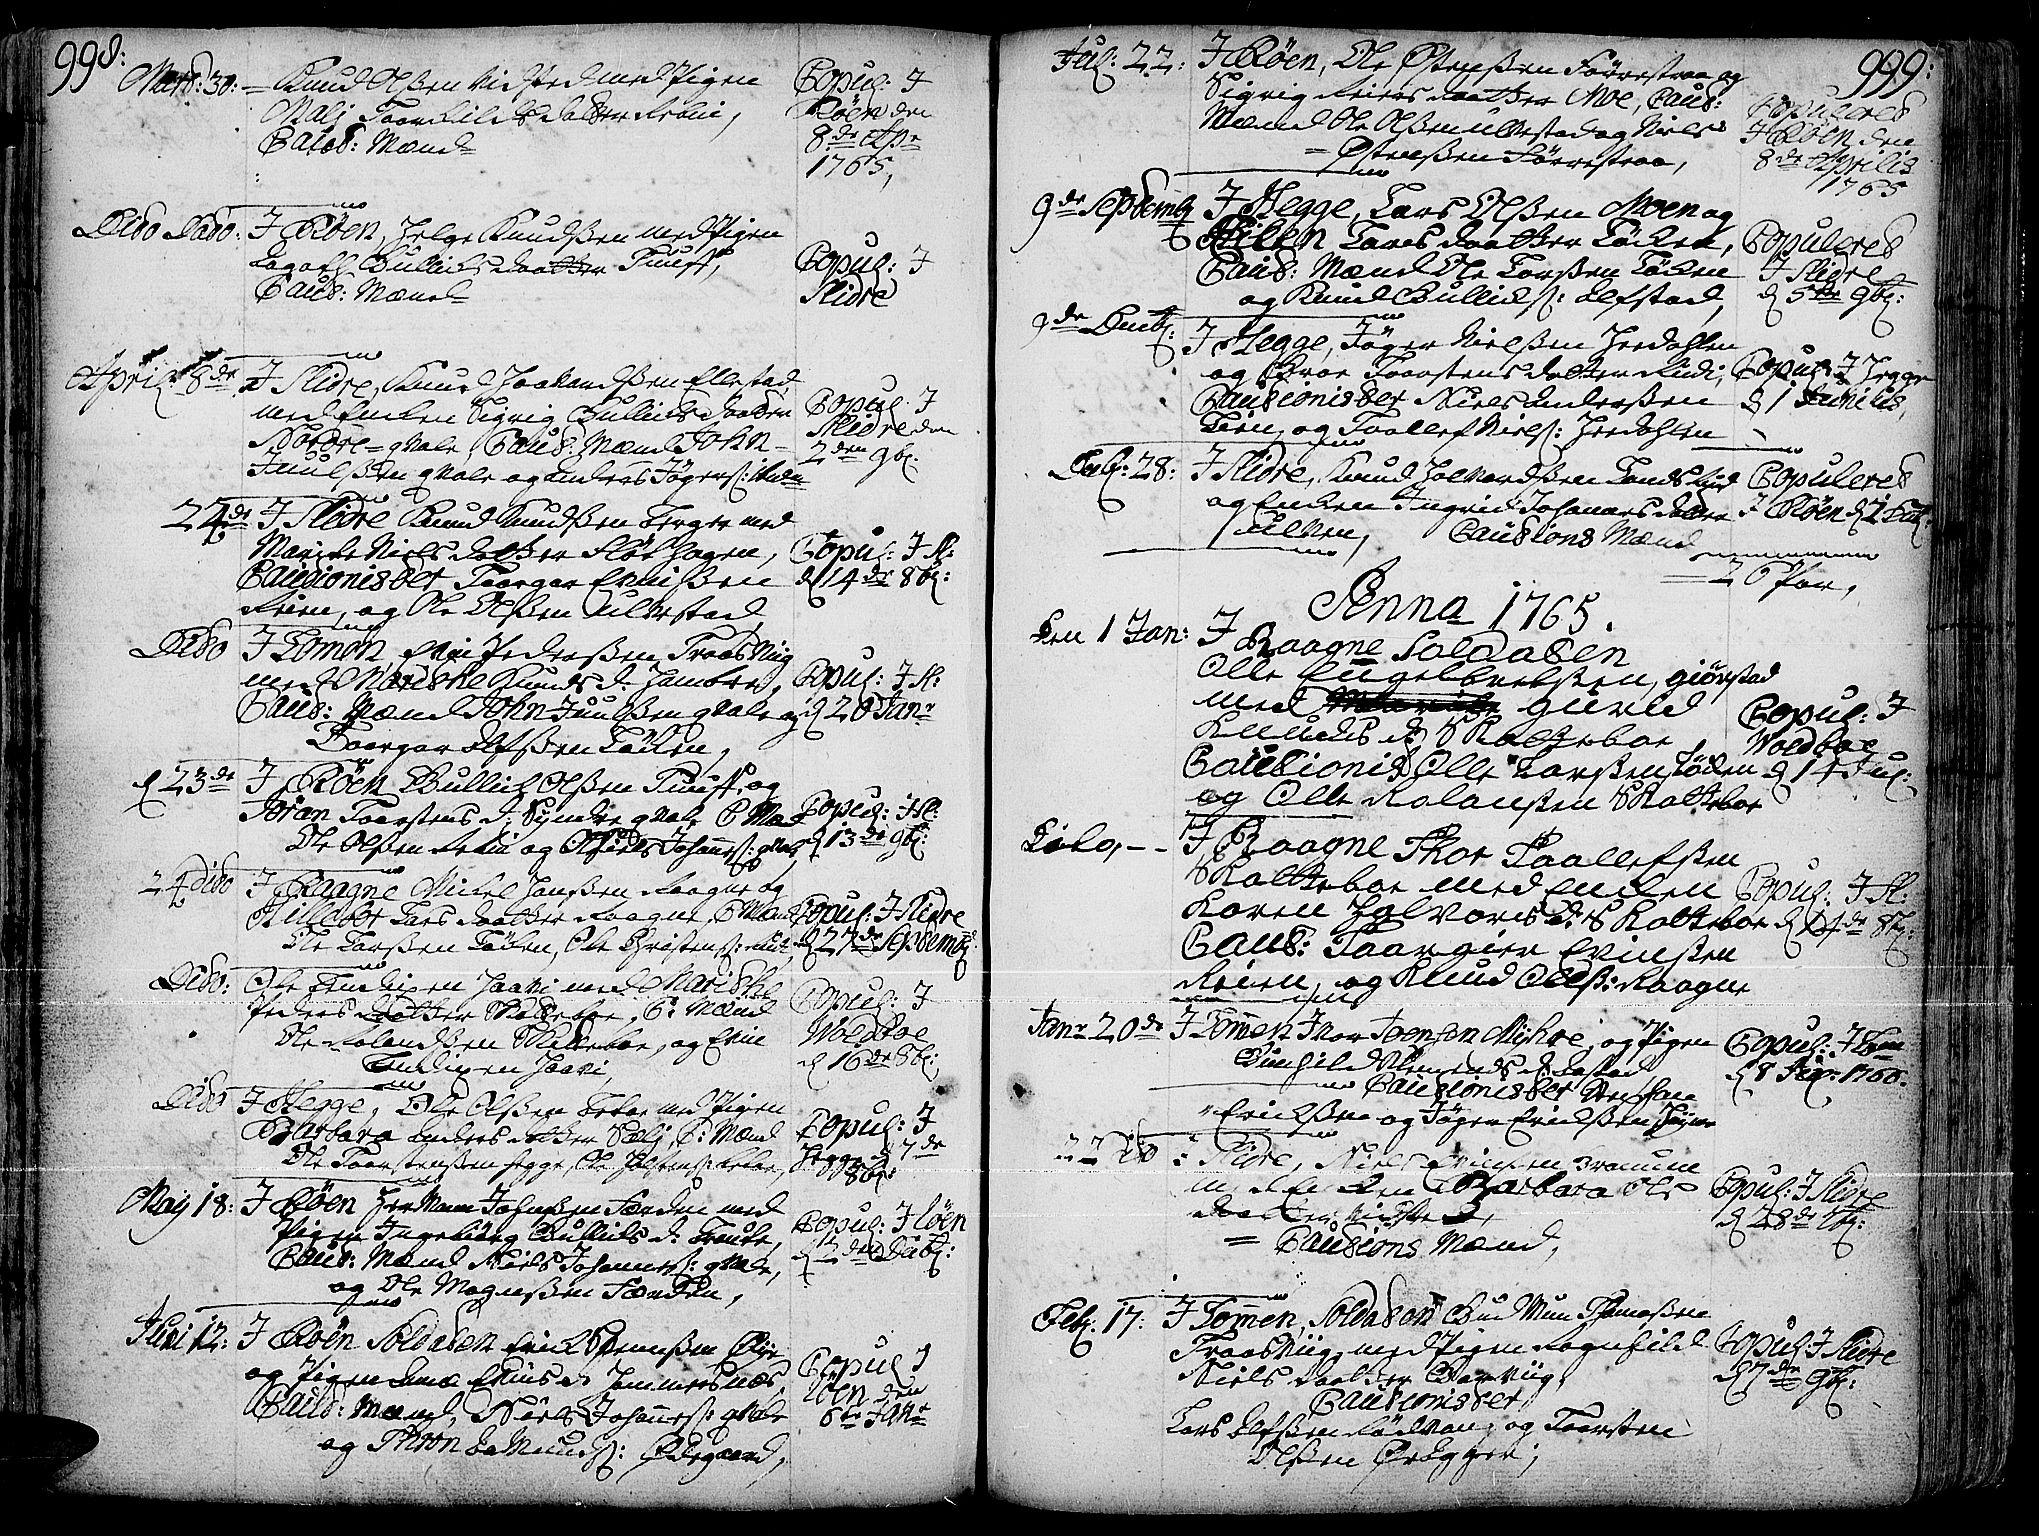 SAH, Slidre prestekontor, Ministerialbok nr. 1, 1724-1814, s. 998-999